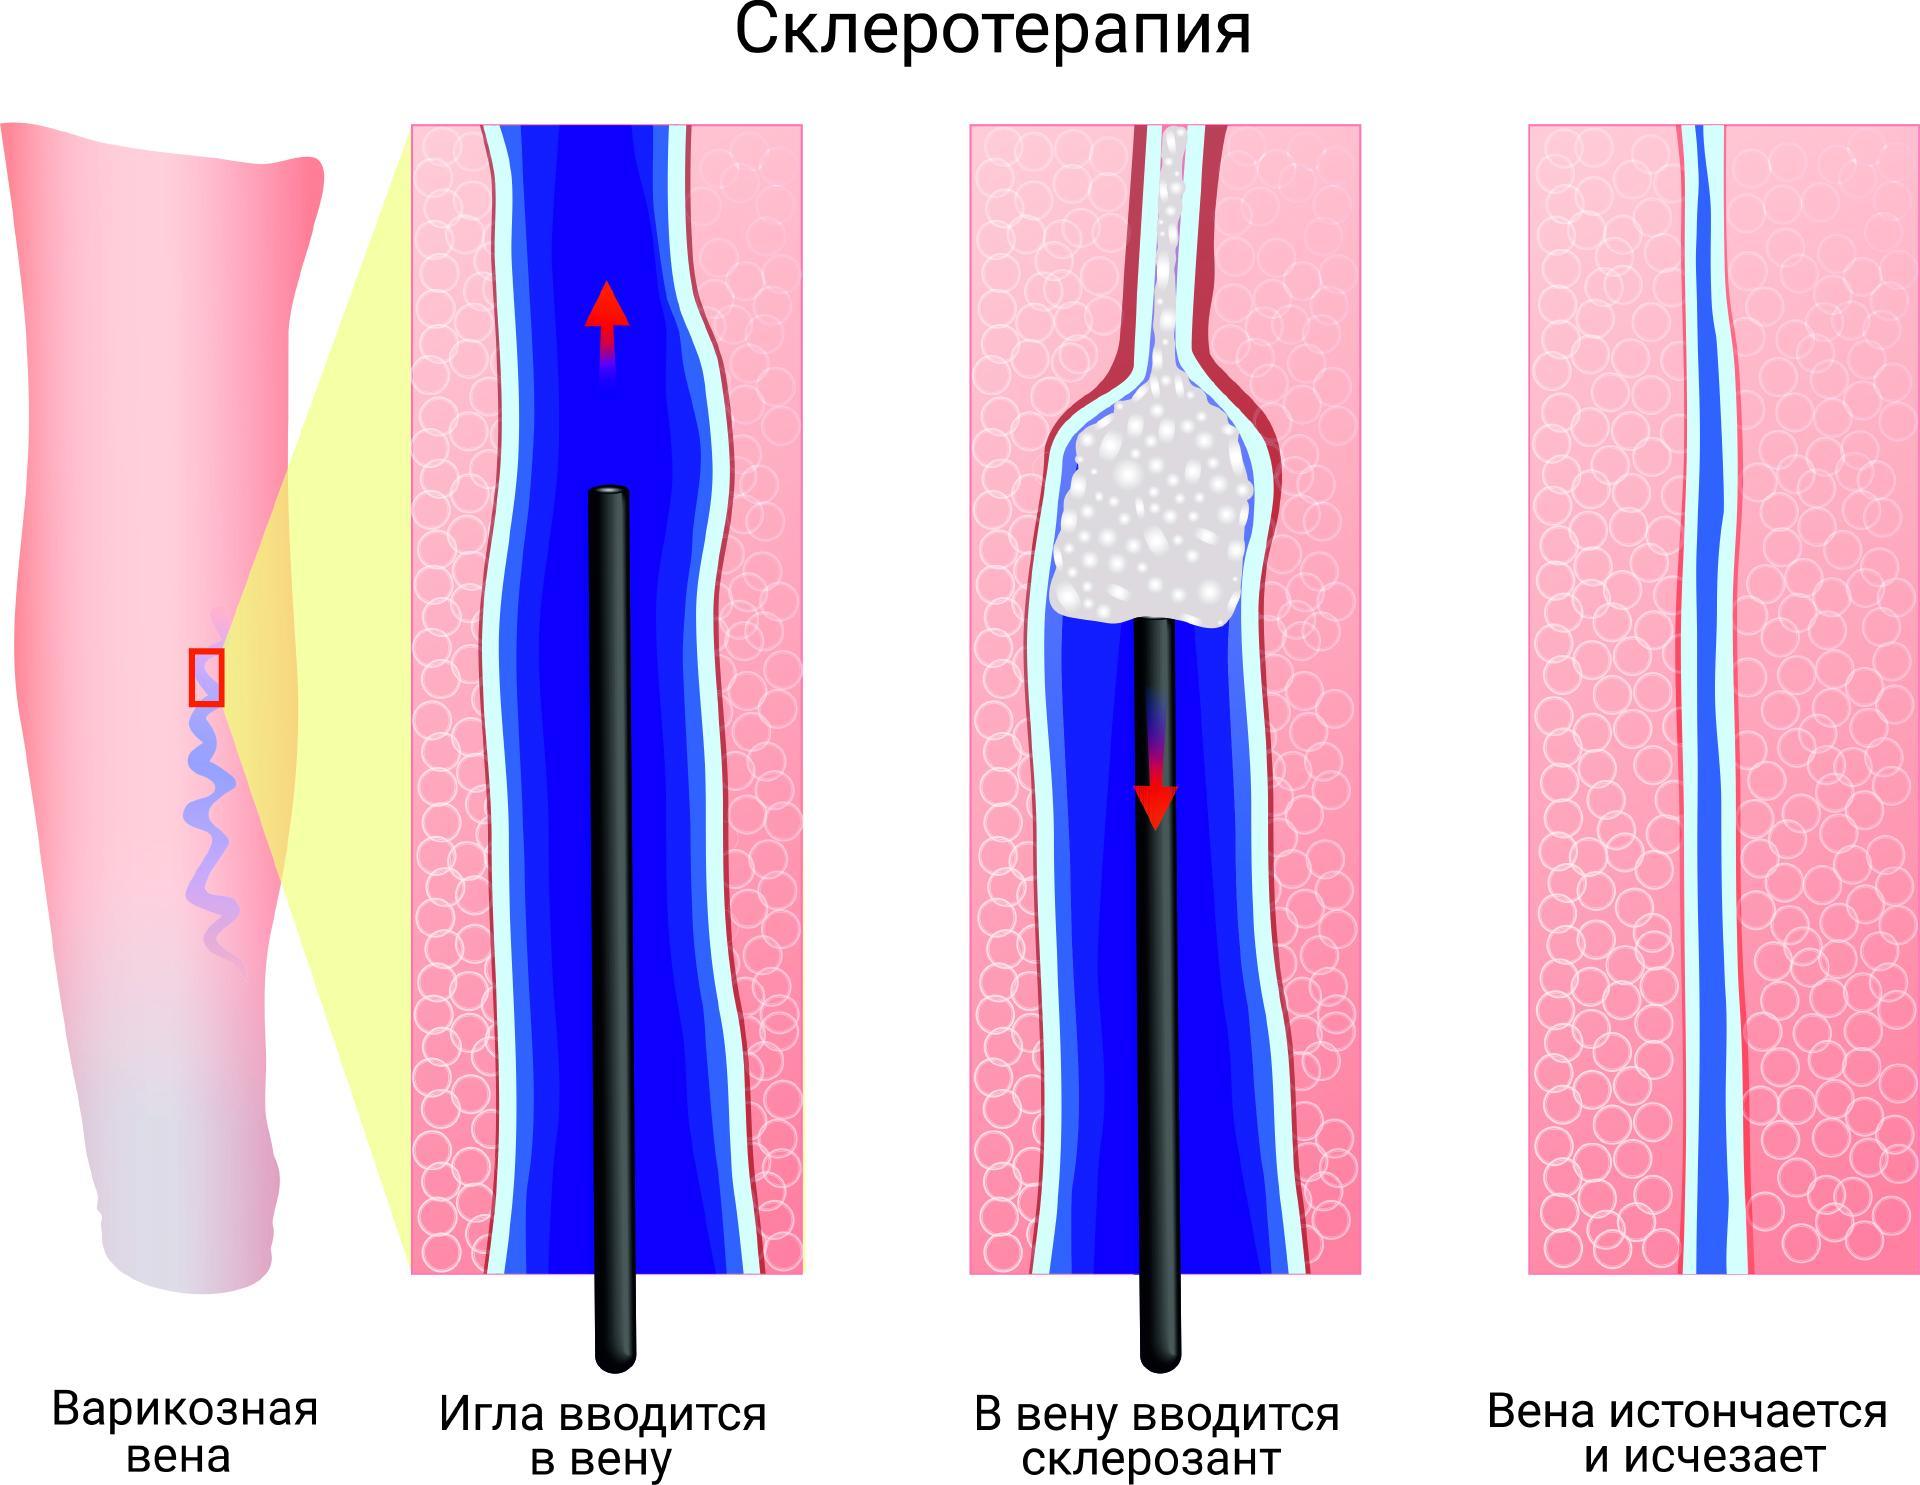 Склеротерапия вен